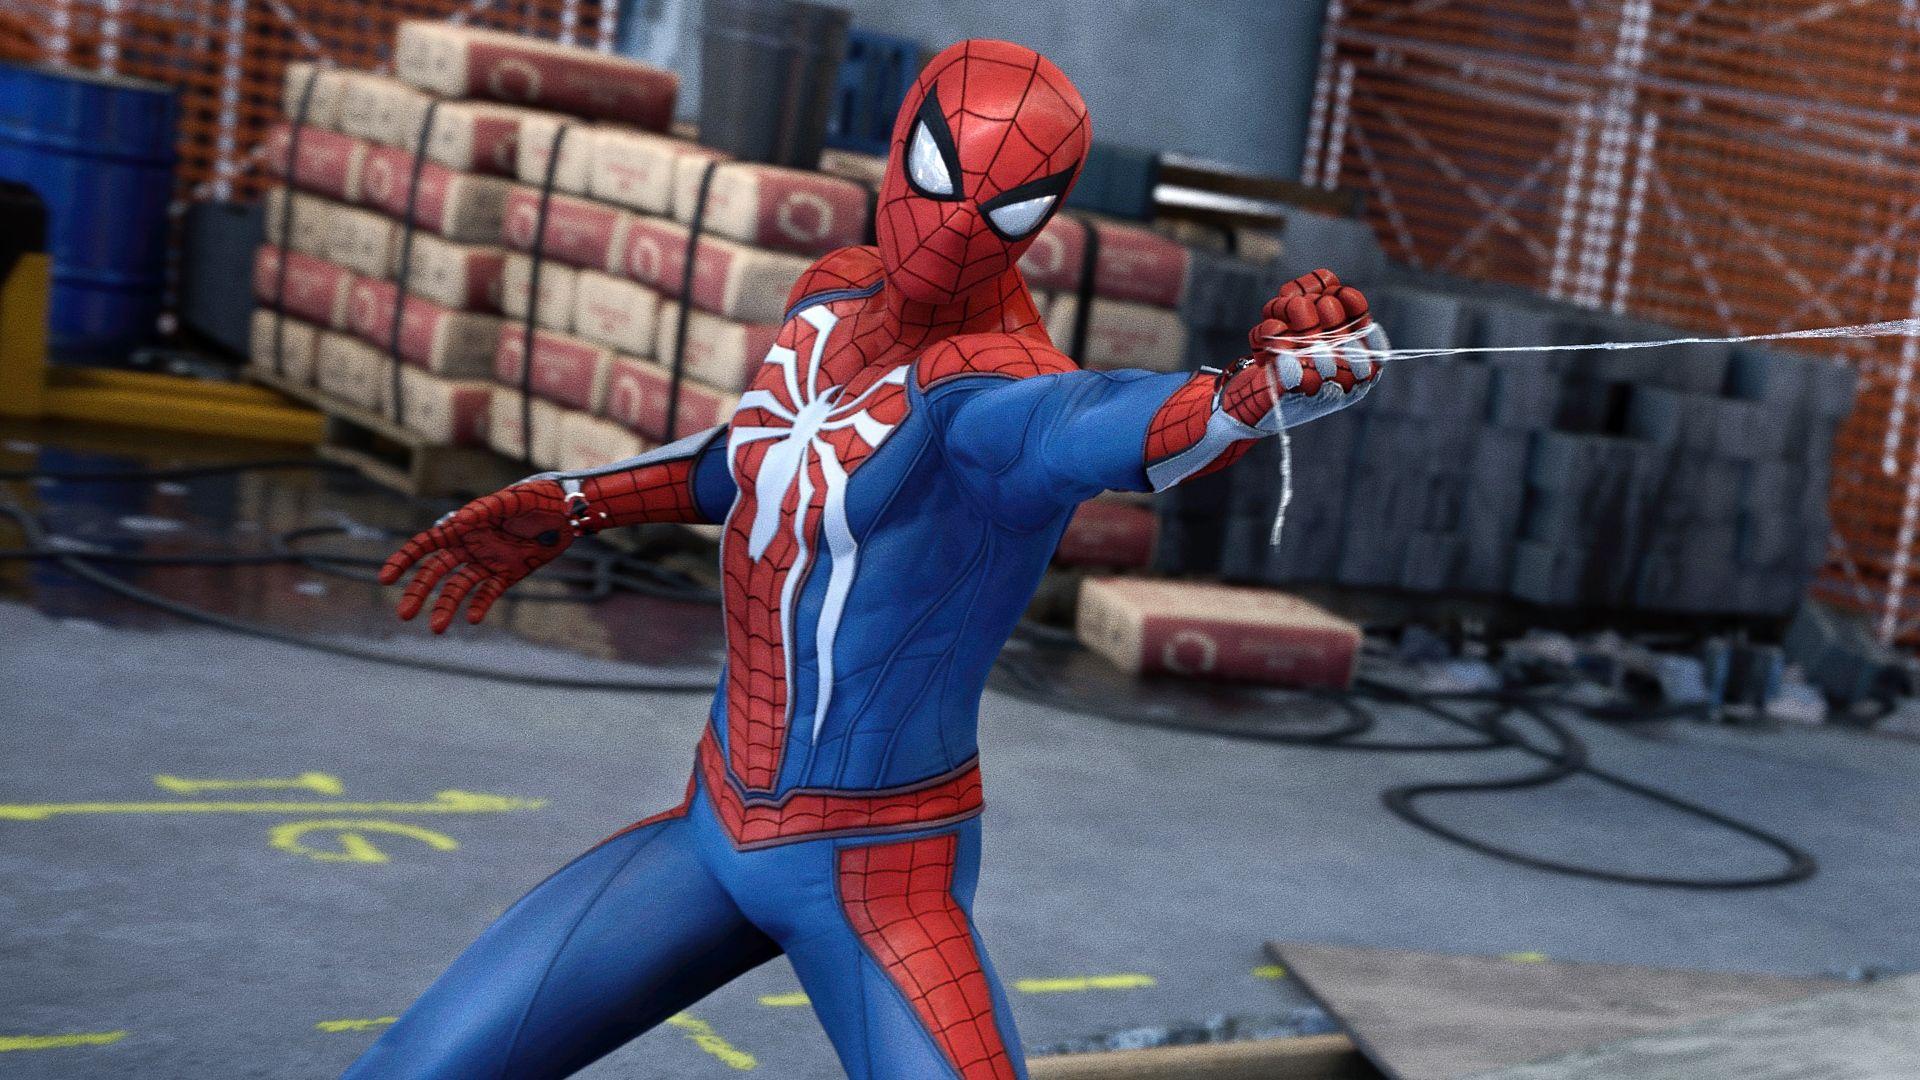 spiderman-ps4-video-game-18.jpg (1920×1080)